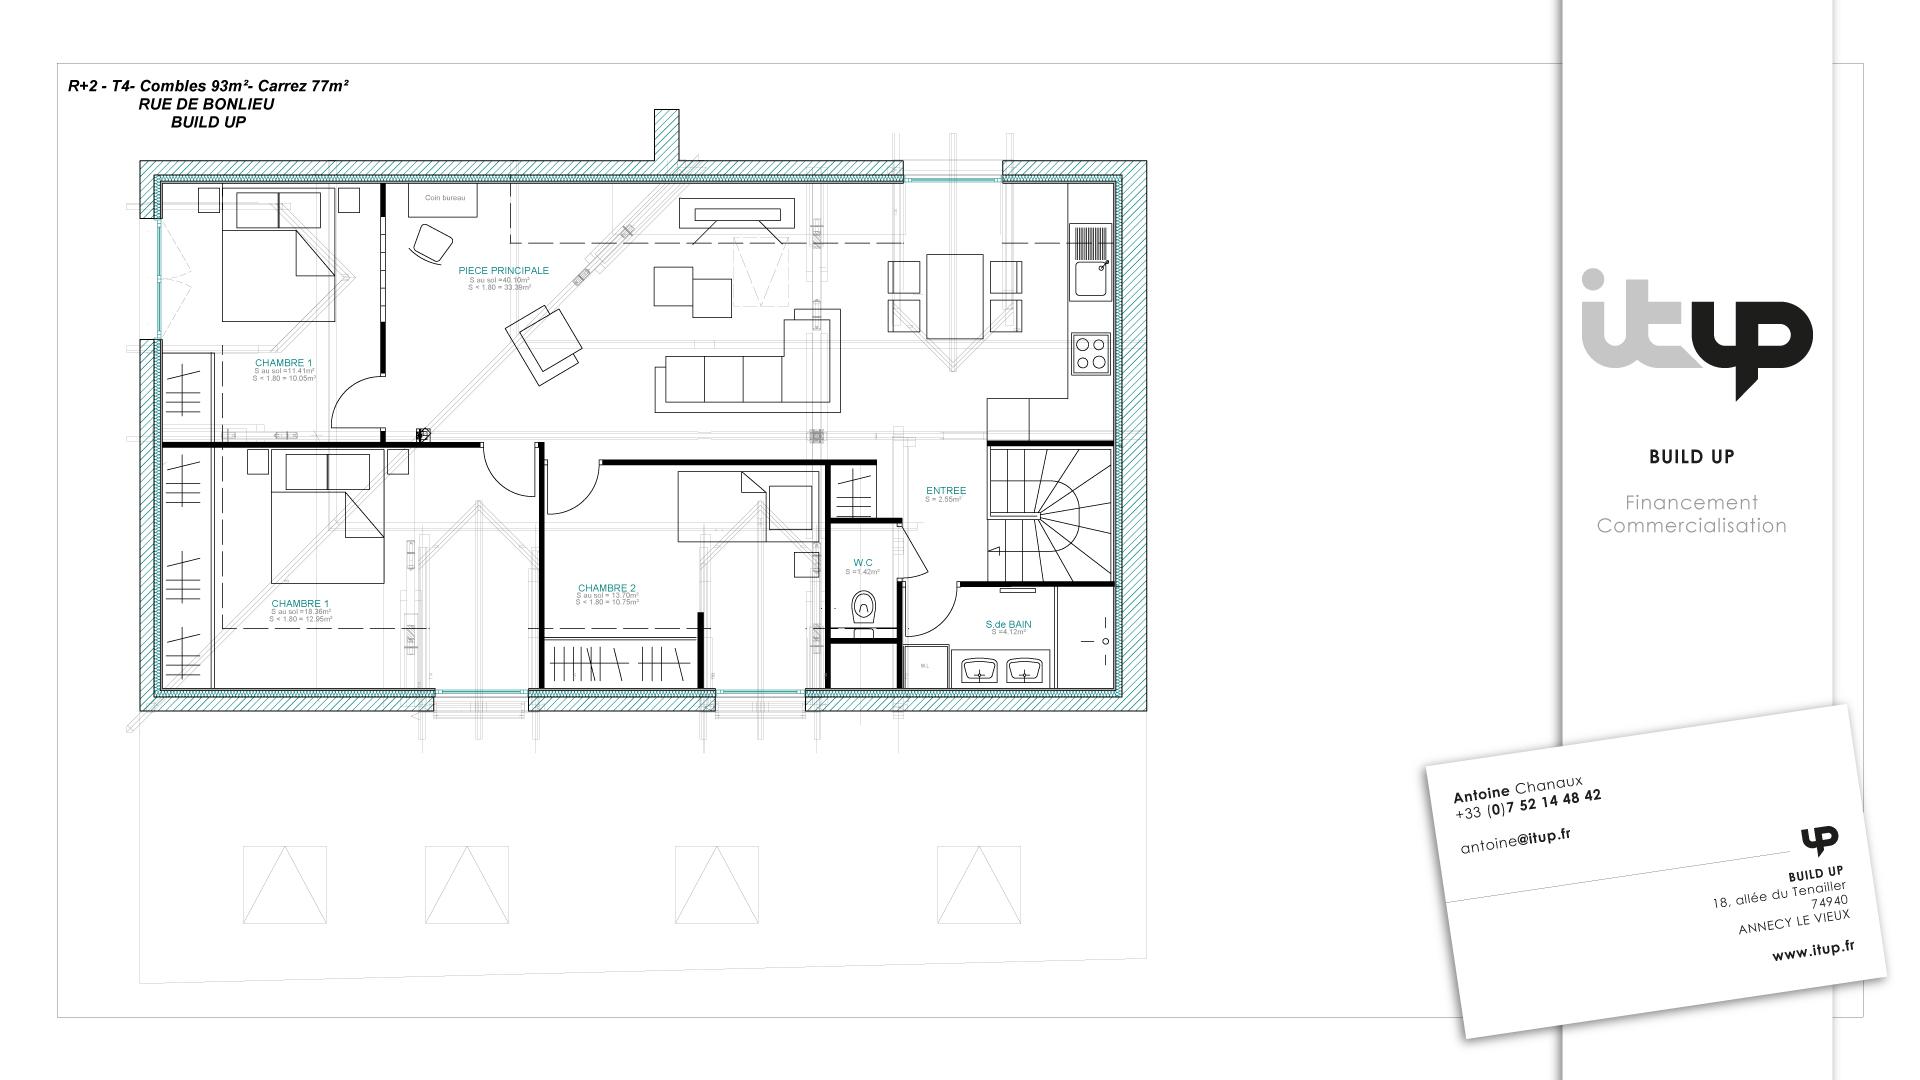 plan-t4-combles-rue-de-bonlieu-77m2